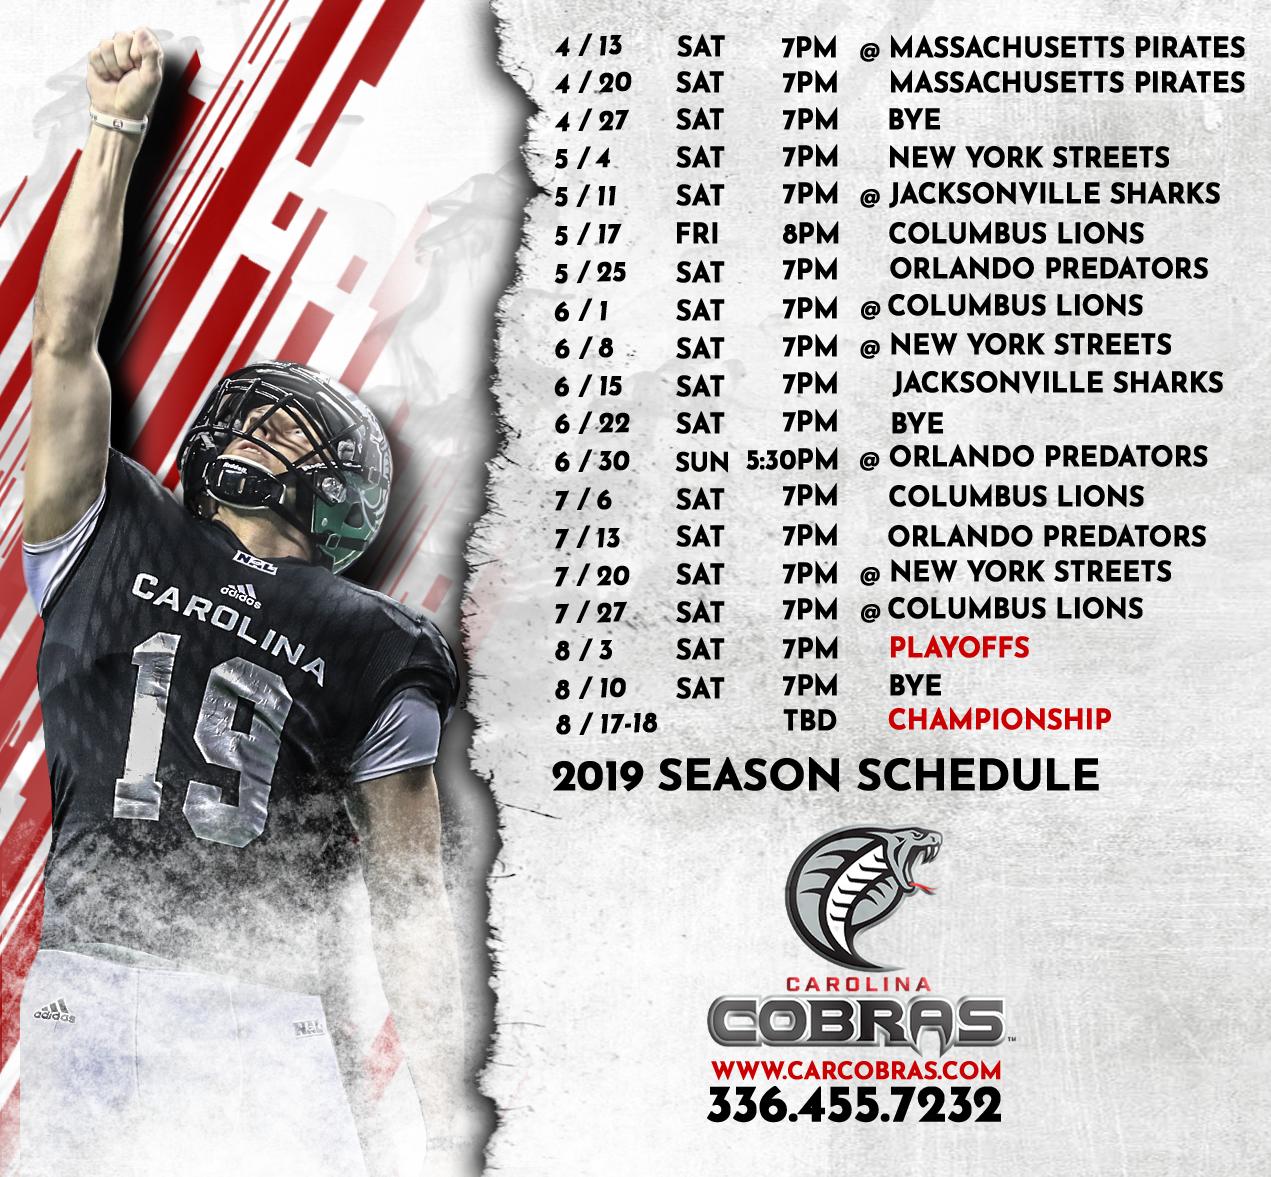 Cobras-2019-SeasonSchedule-weblarge.png